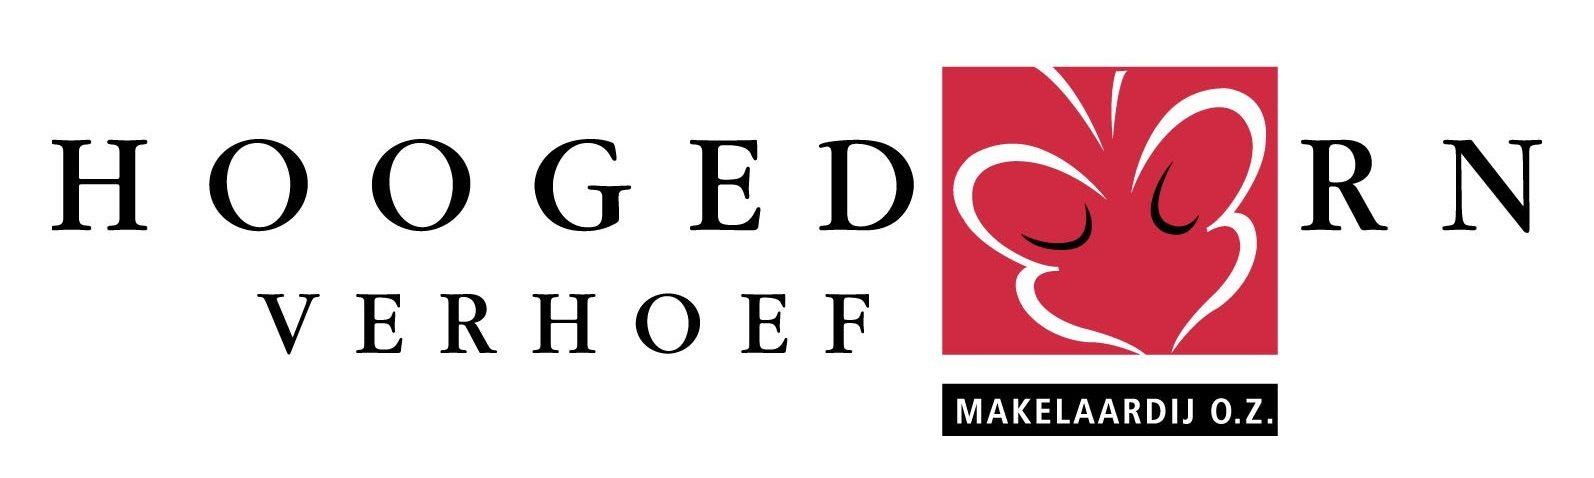 Hoogedoorn-Verhoef Makelaardij o.g.